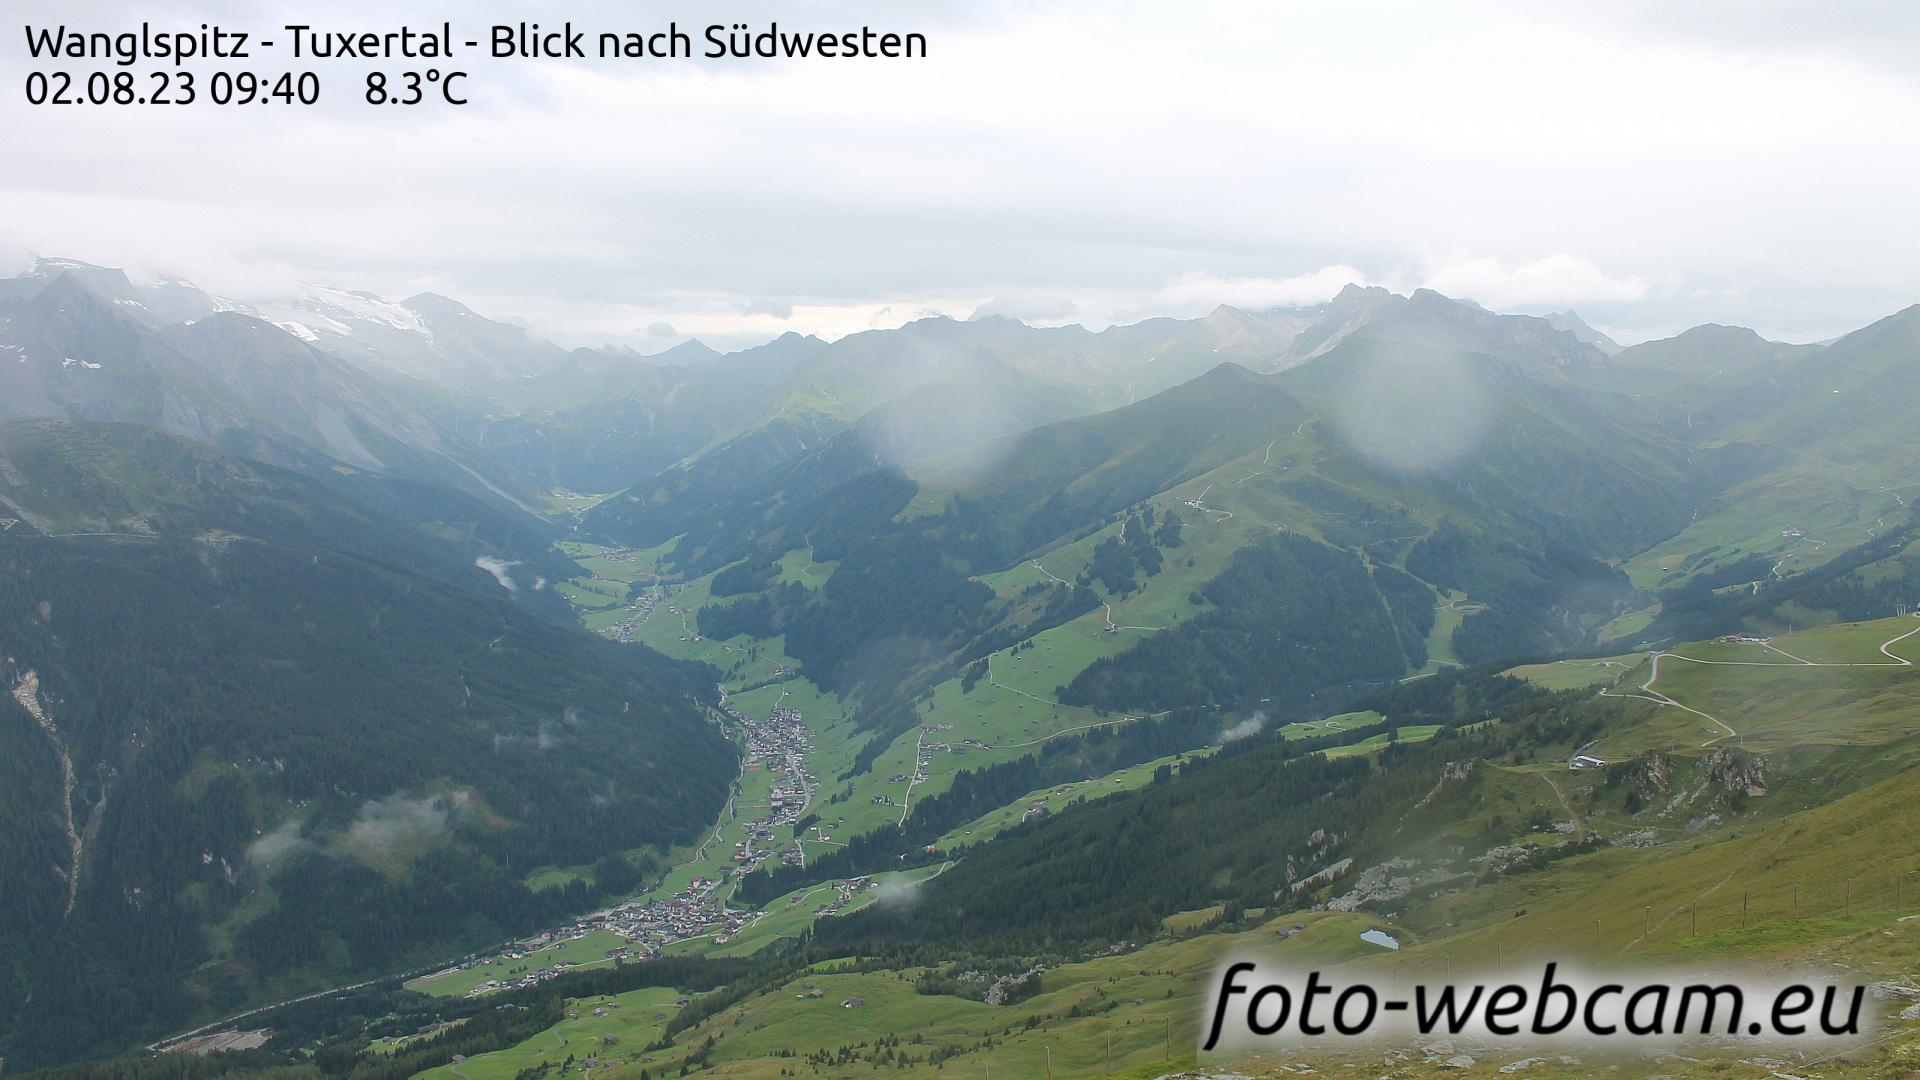 Wanglspitz Mon. 09:49